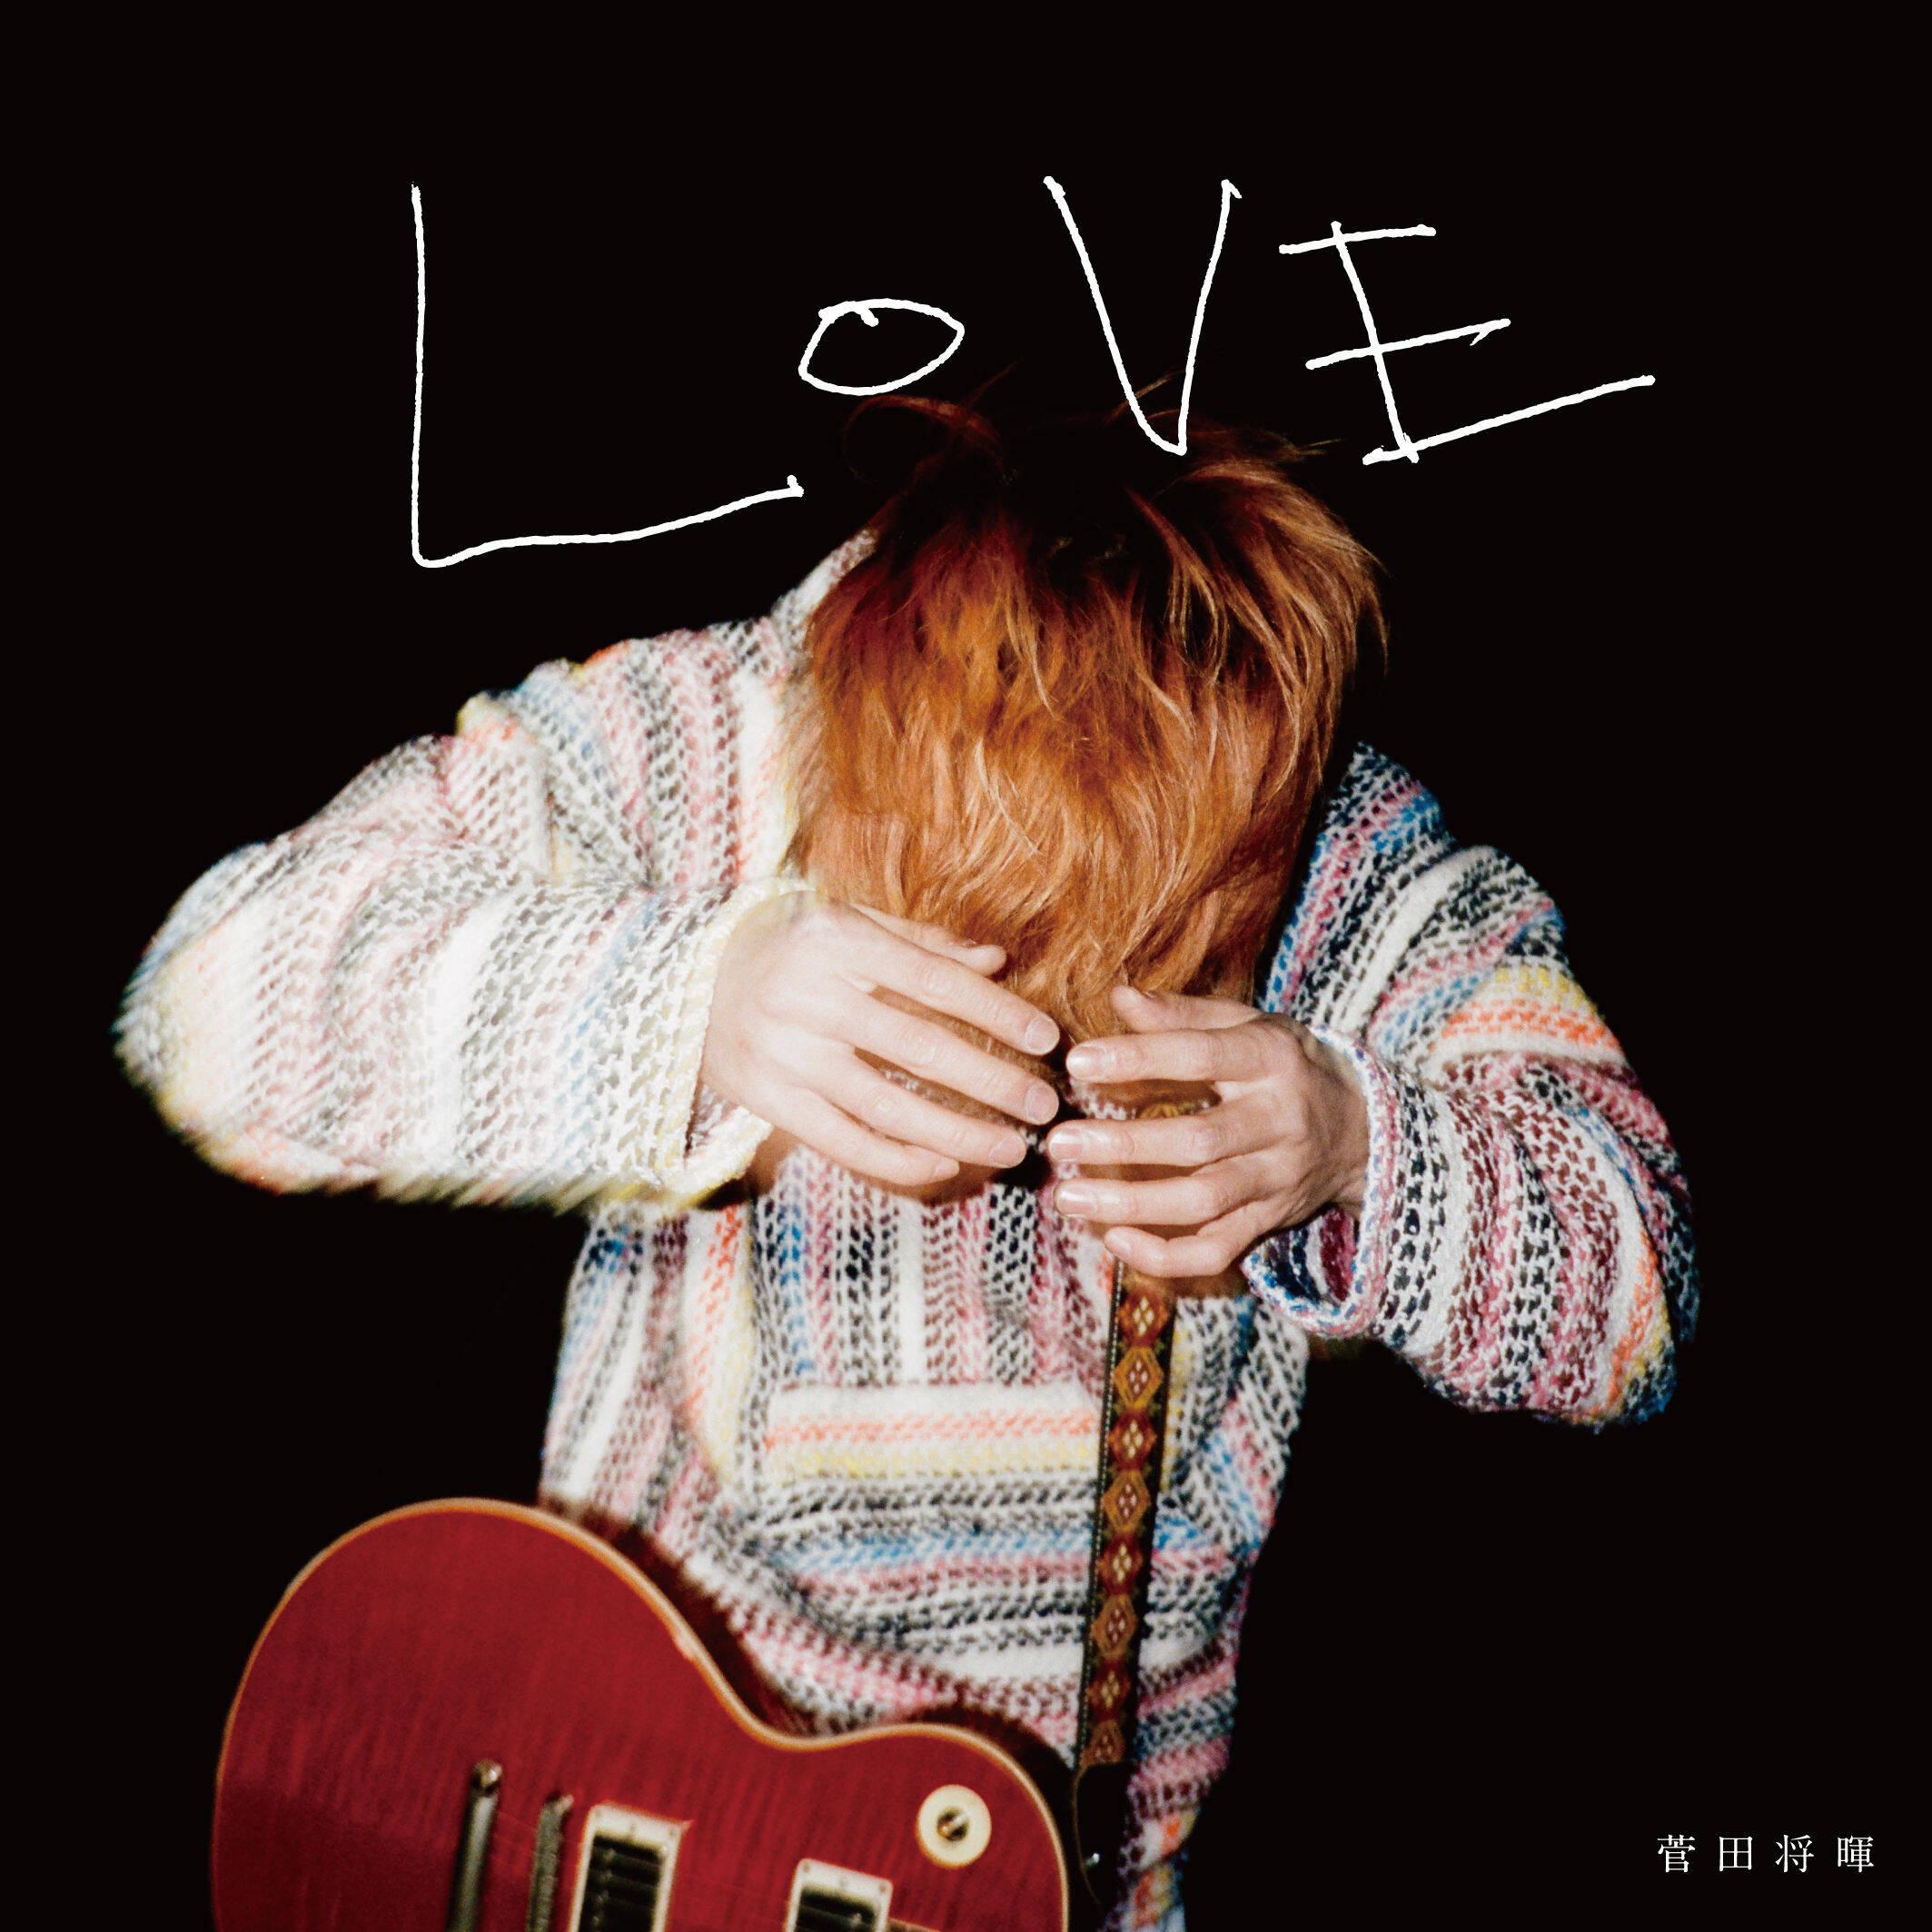 菅田将暉 – LOVE (2019) [FLAC 24bit/96kHz]